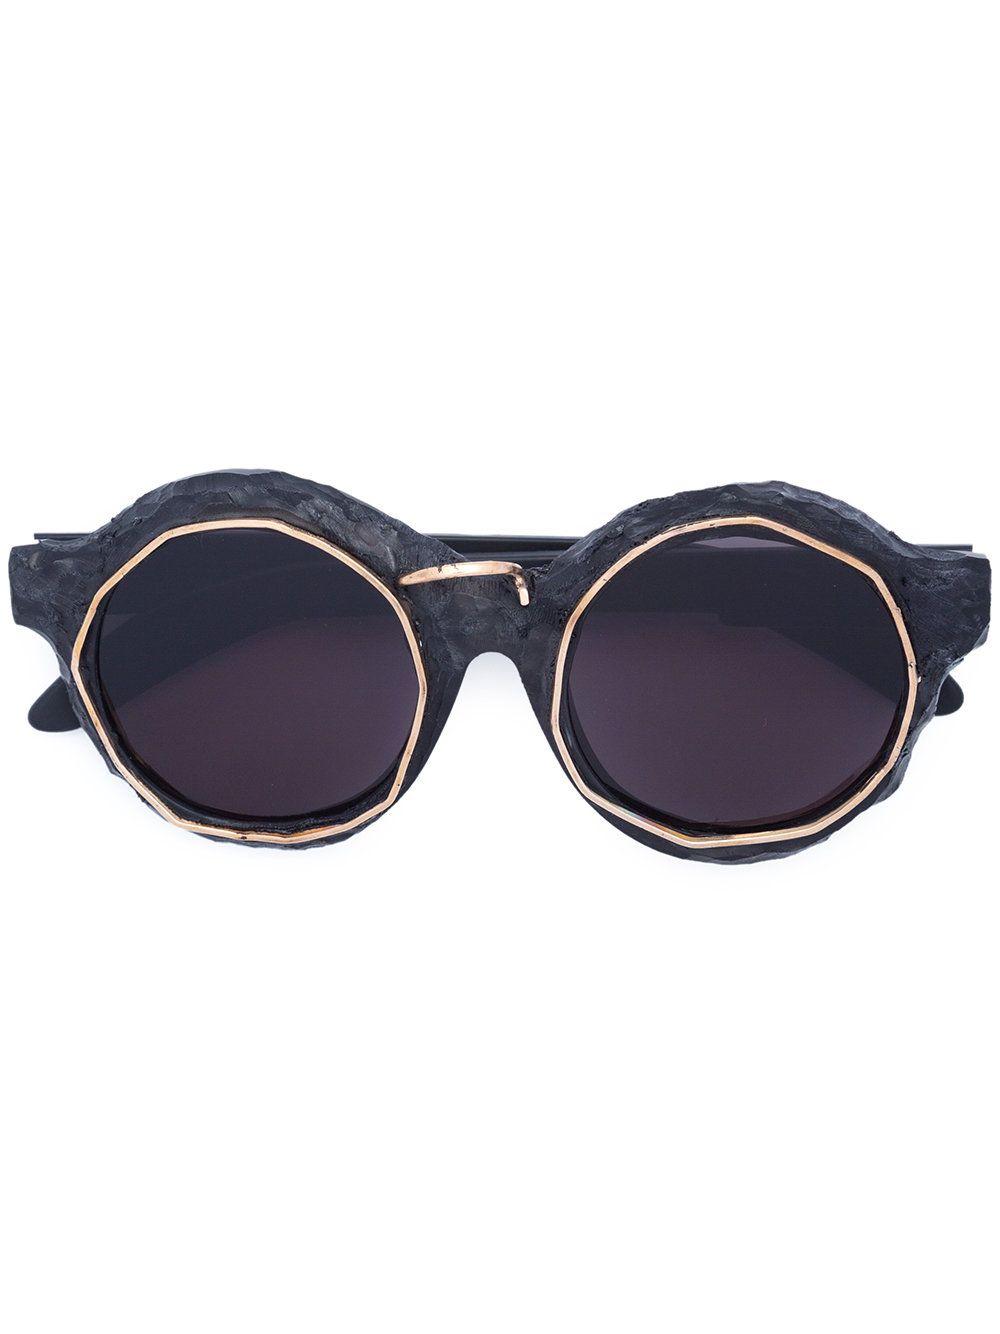 Kuboraum Gafas De Sol Con Montura Redonda | Sol y Comprar